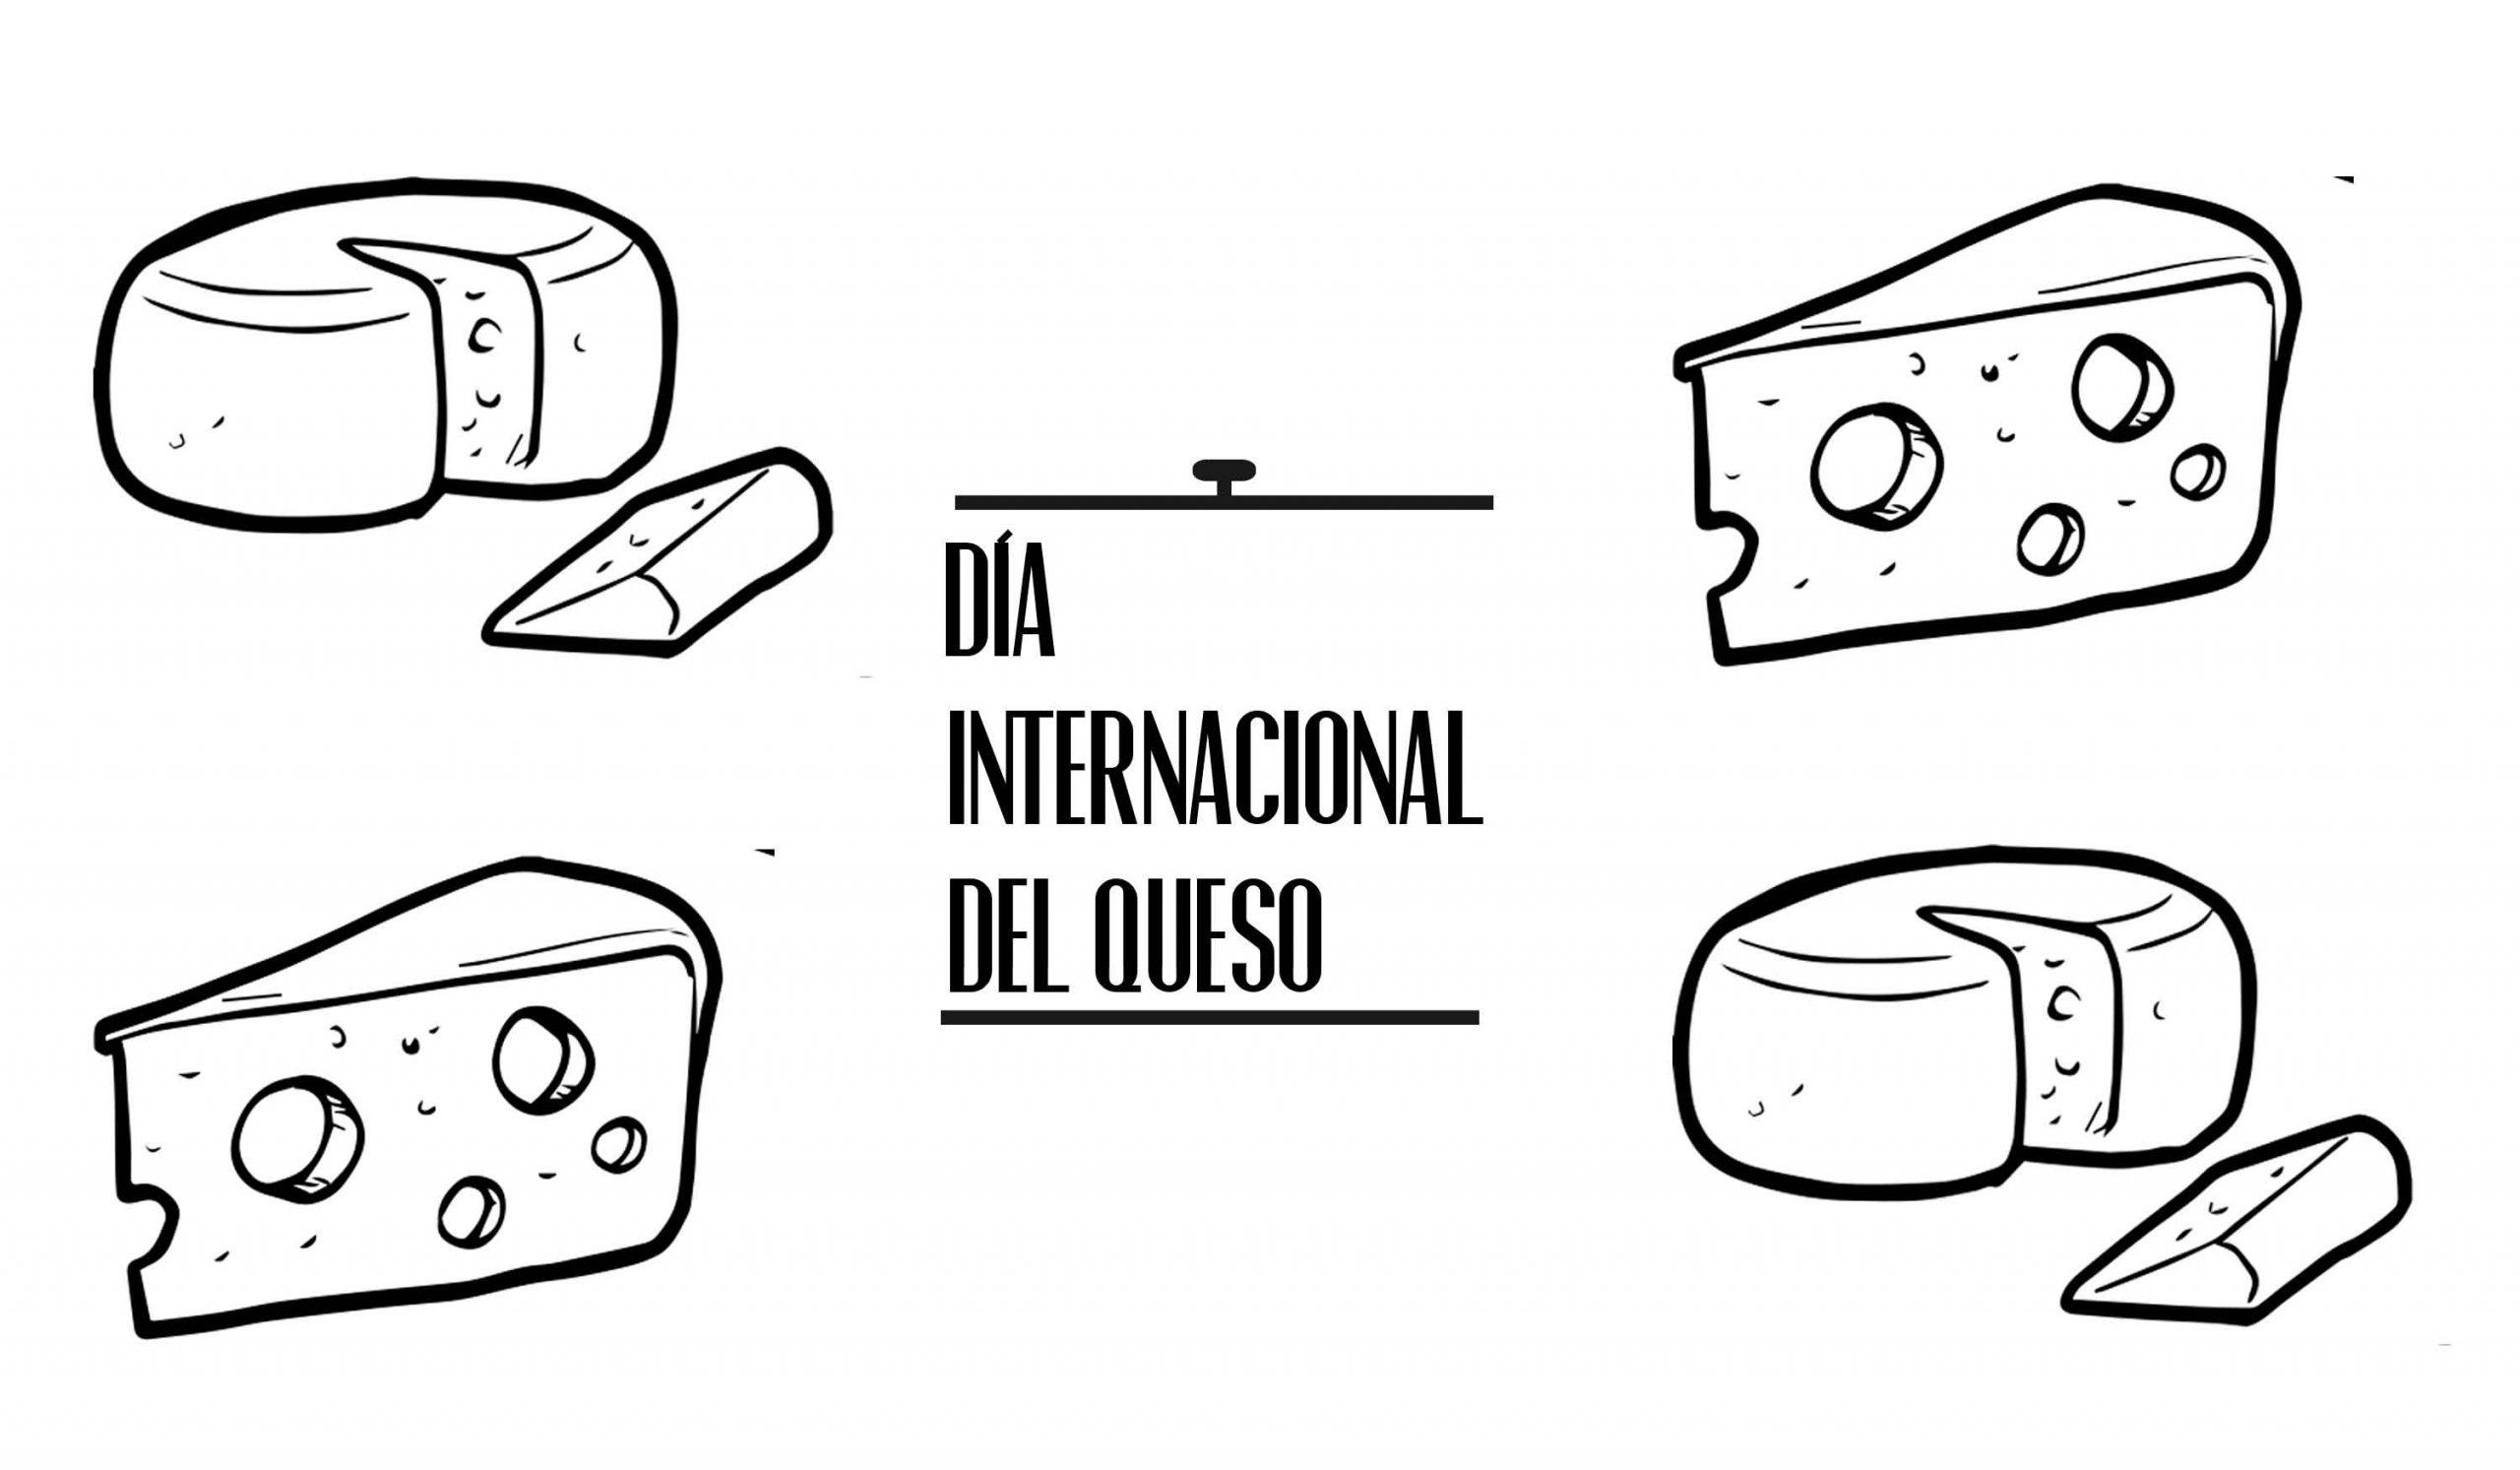 Día Internacional del queso: 15 curiosidades del queso que no sabías.